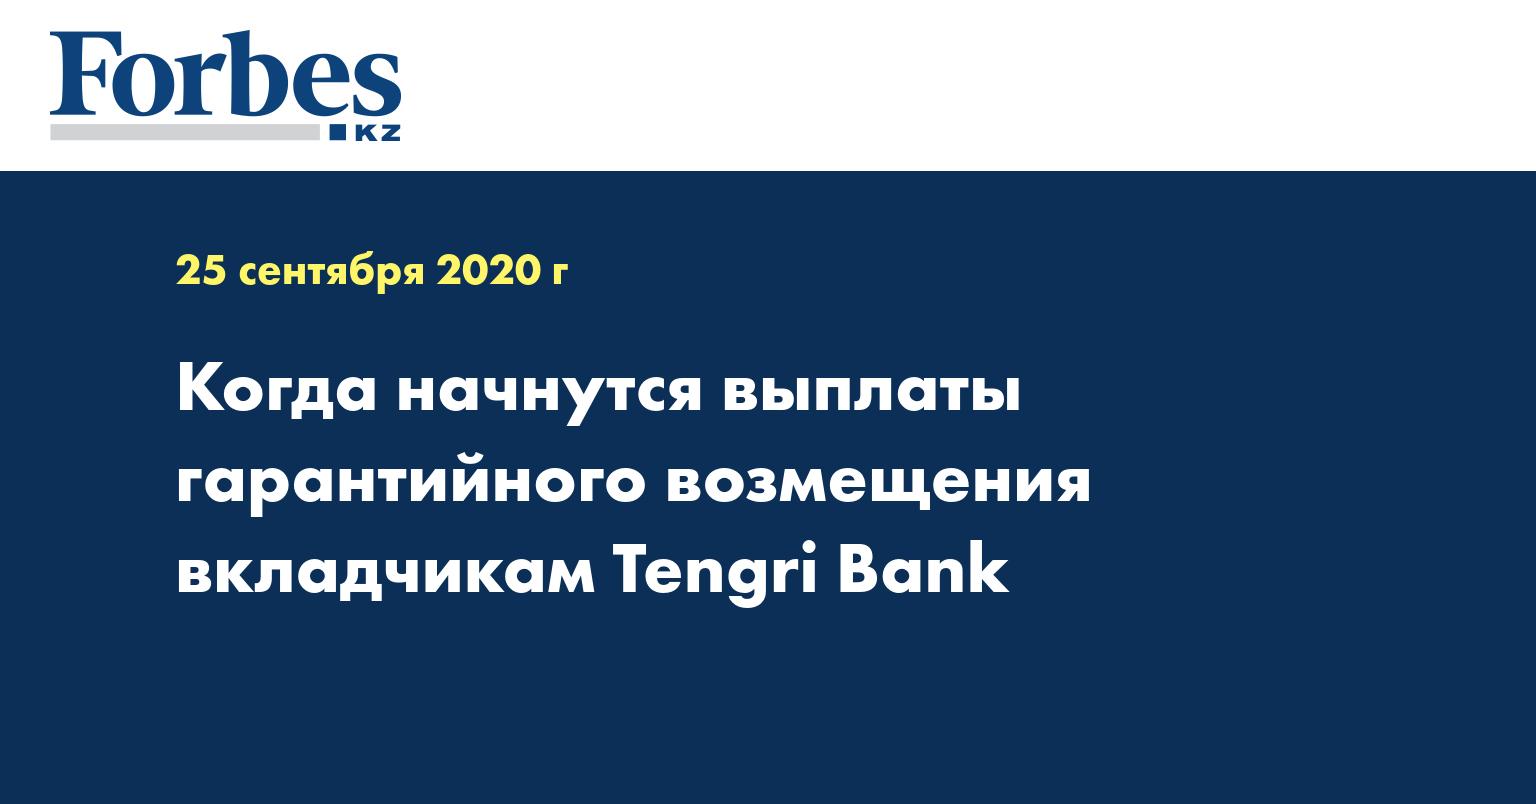 Когда начнутся выплаты гарантийного возмещения вкладчикам Tengri Bank